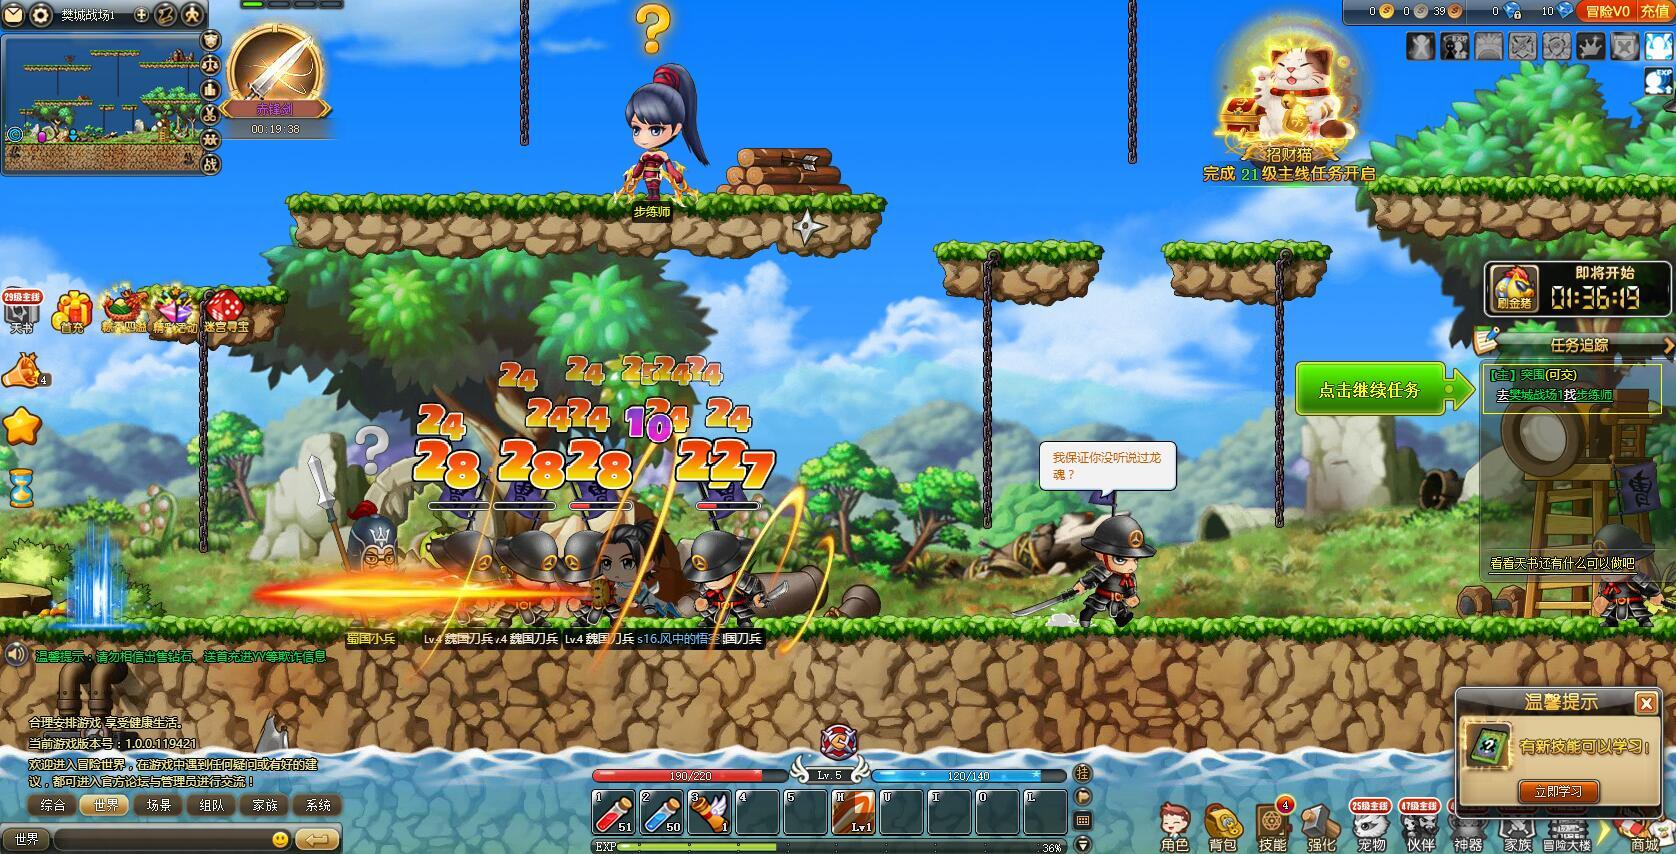 《冒险世界》游戏截图